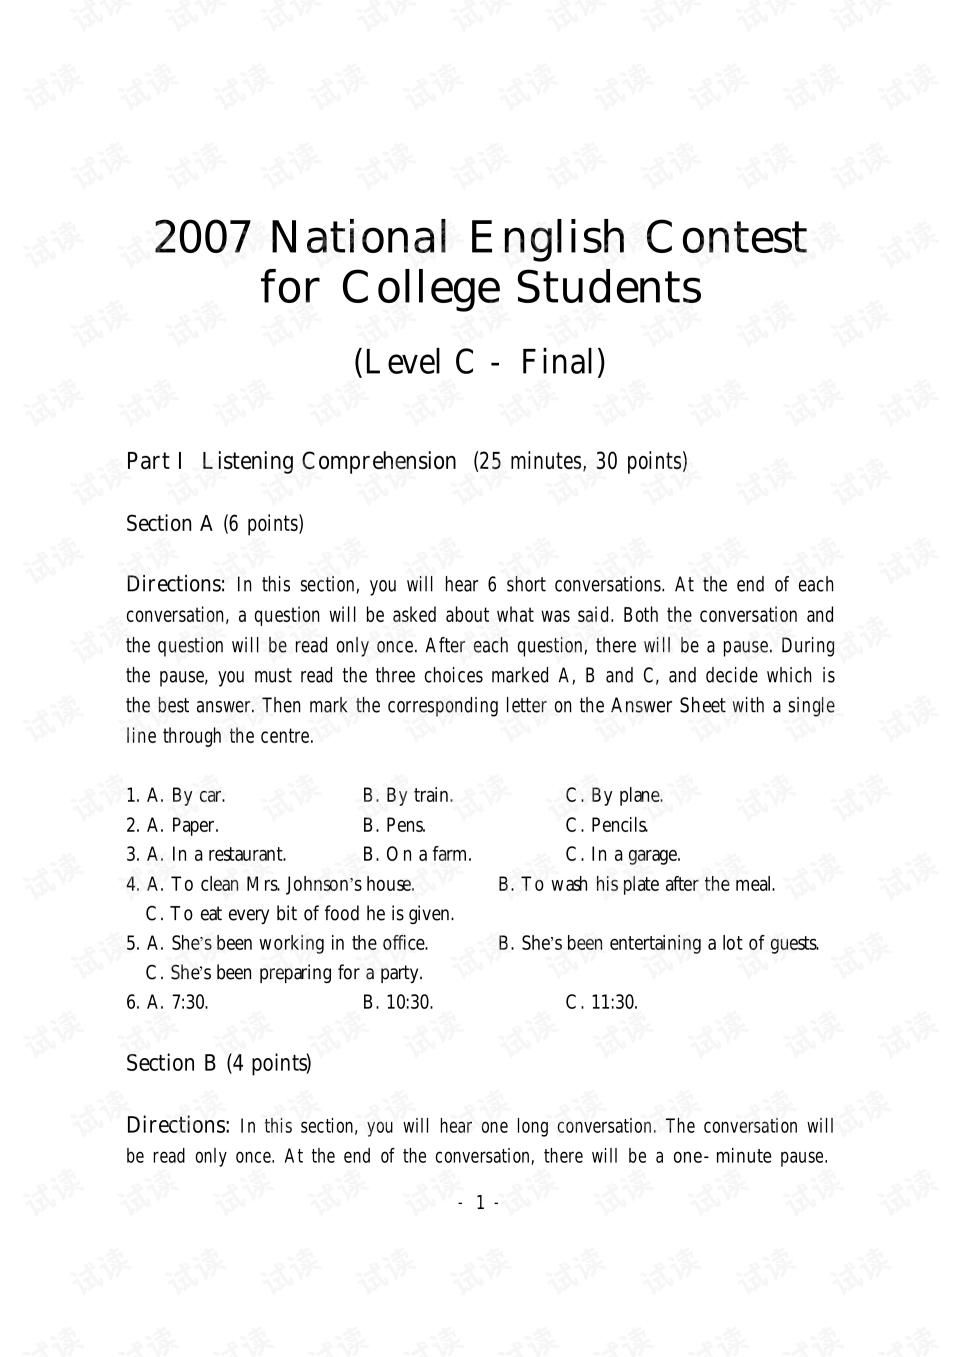 高中英语竞赛作文